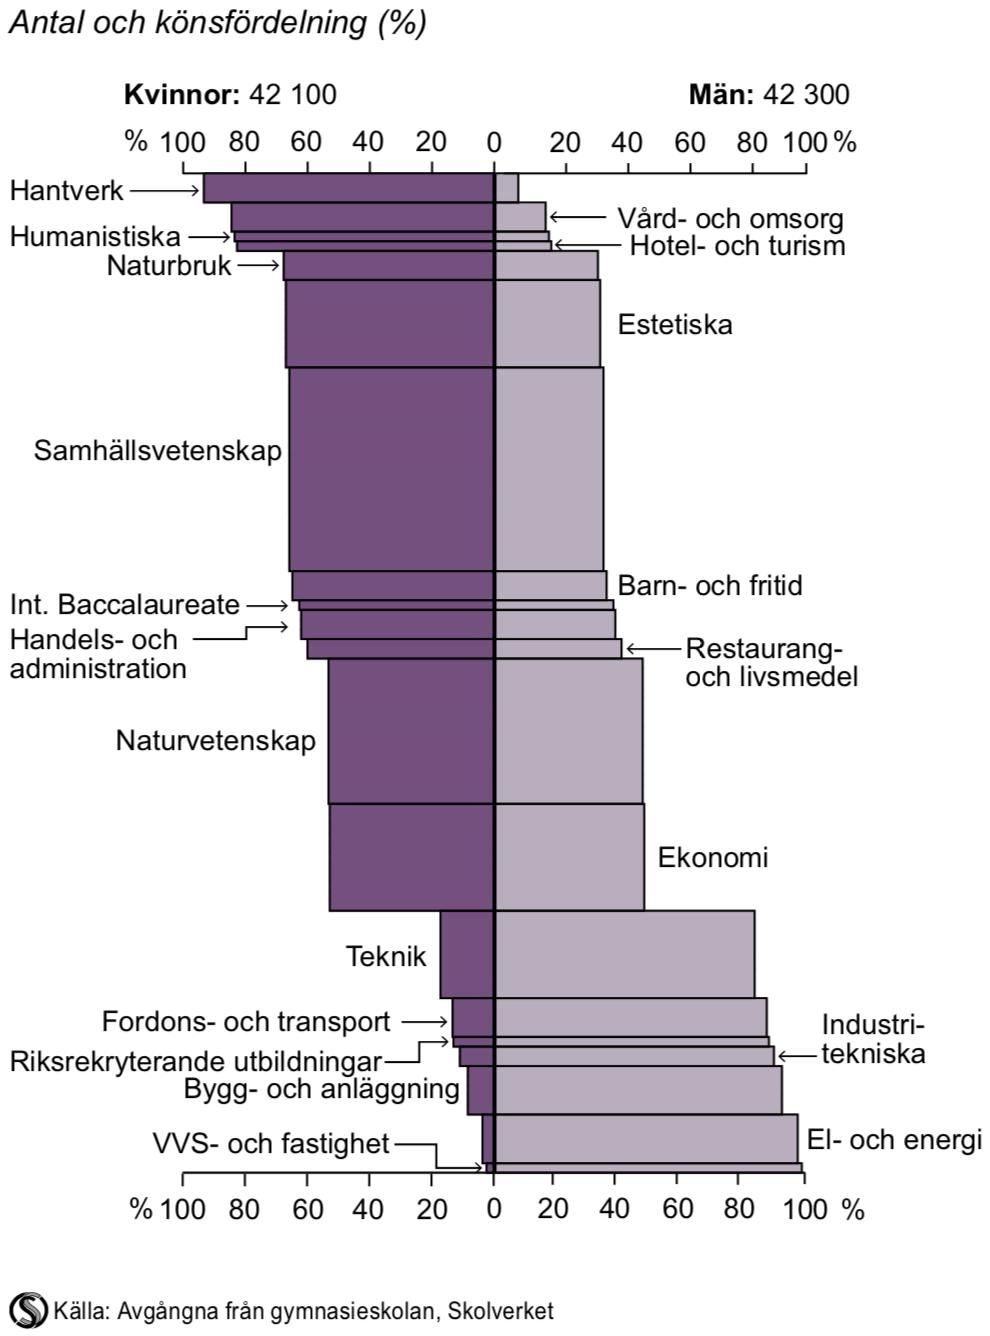 Avgångna från gymnasieskolan efter program eller anknytning till program 2014/15